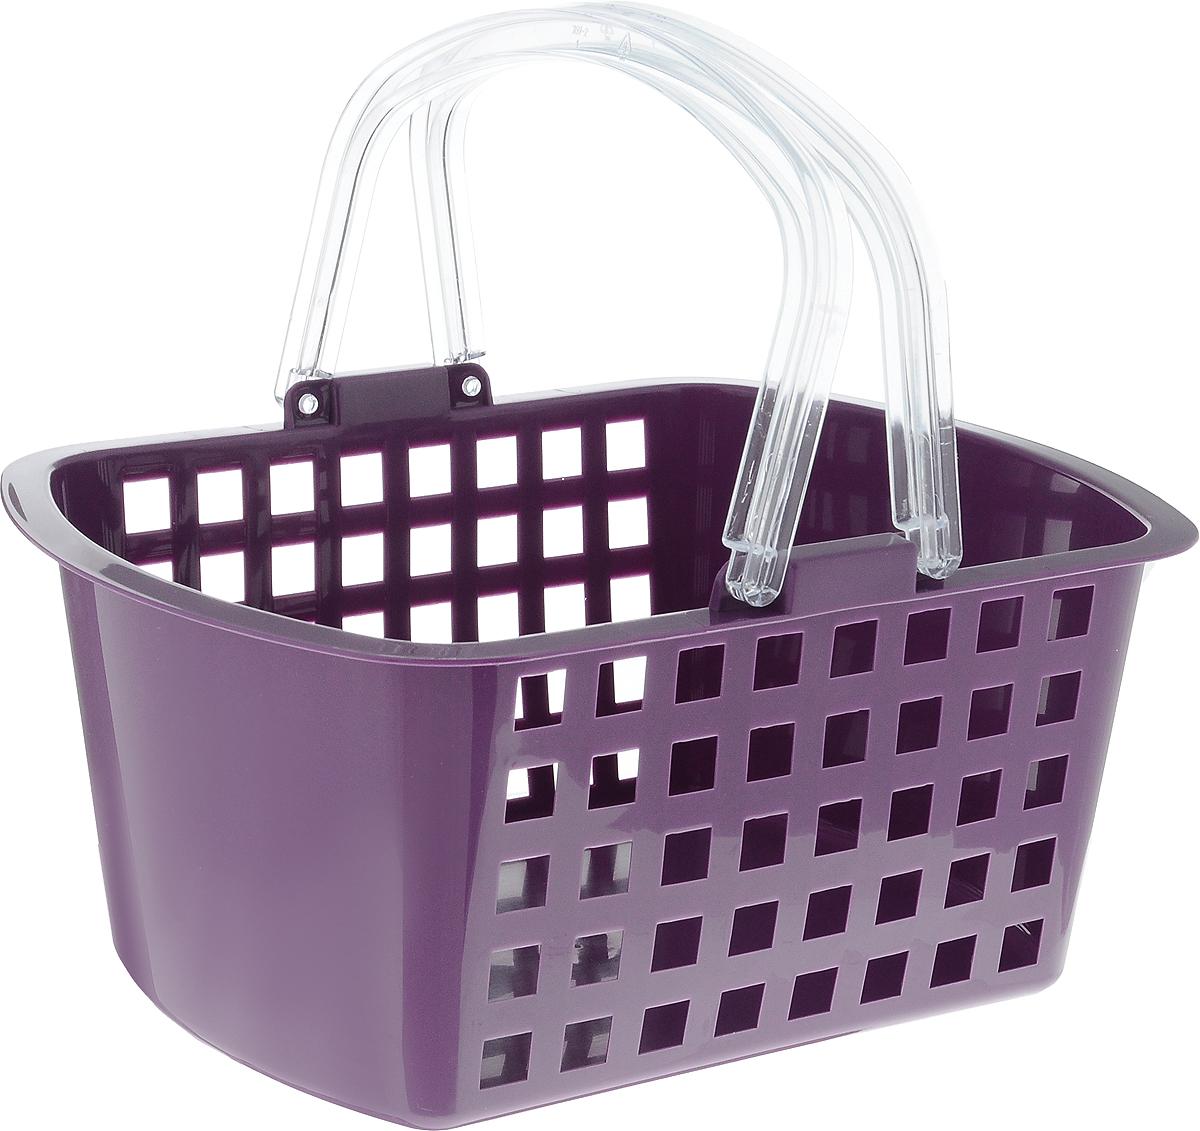 Корзинка универсальная Econova, цвет: фиолетовый, прозрачный, 31 х 24 х 15 см корзинка универсальная econova с ручками цвет красный 19 х 18 5 х 23 см